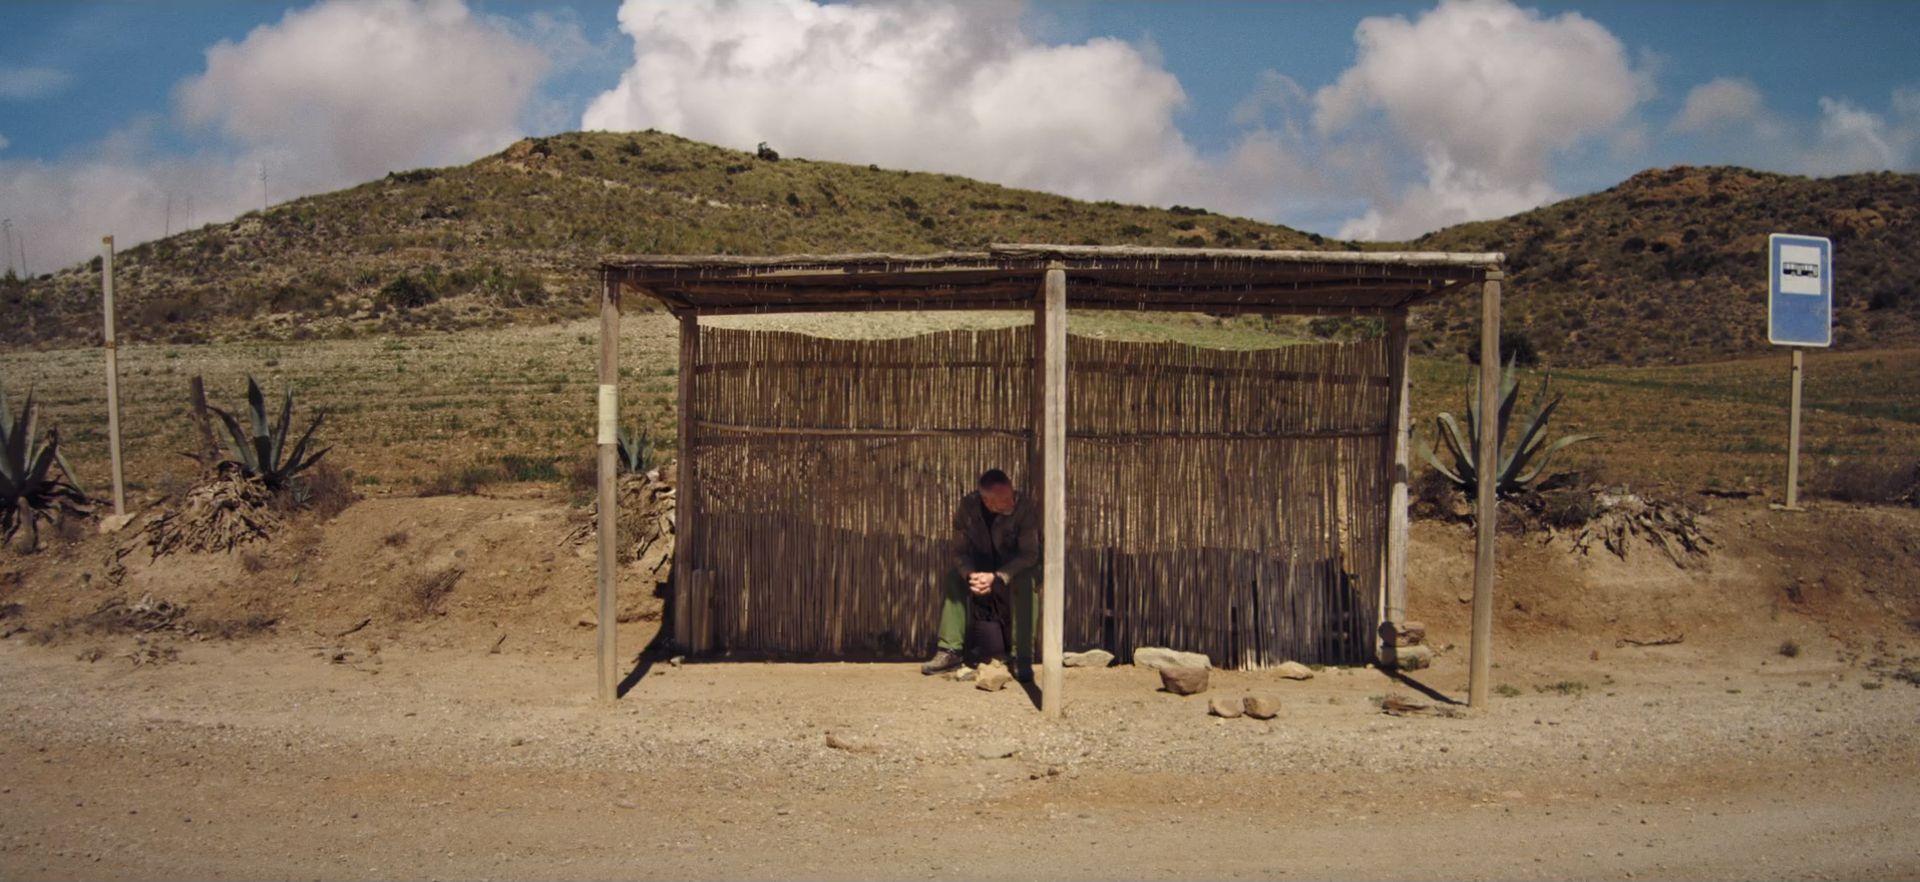 mężczyzna siedzący na przystanku autobusowym w Andaluzji